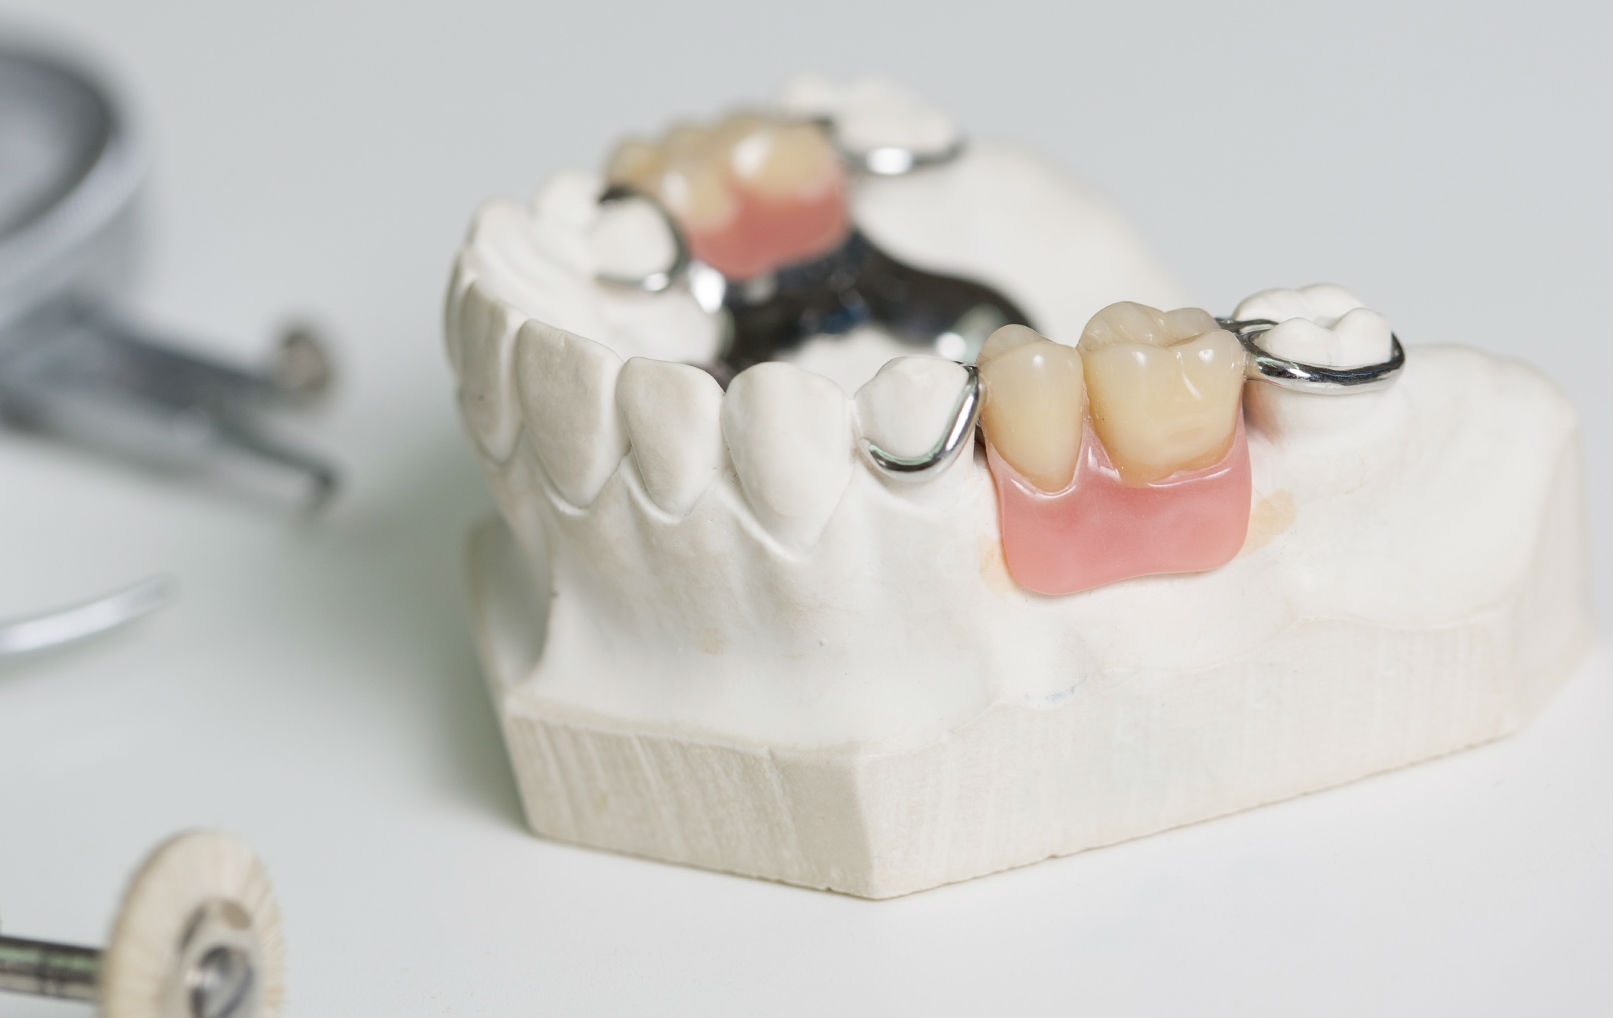 Металлокерамические протезы и культевые коронки